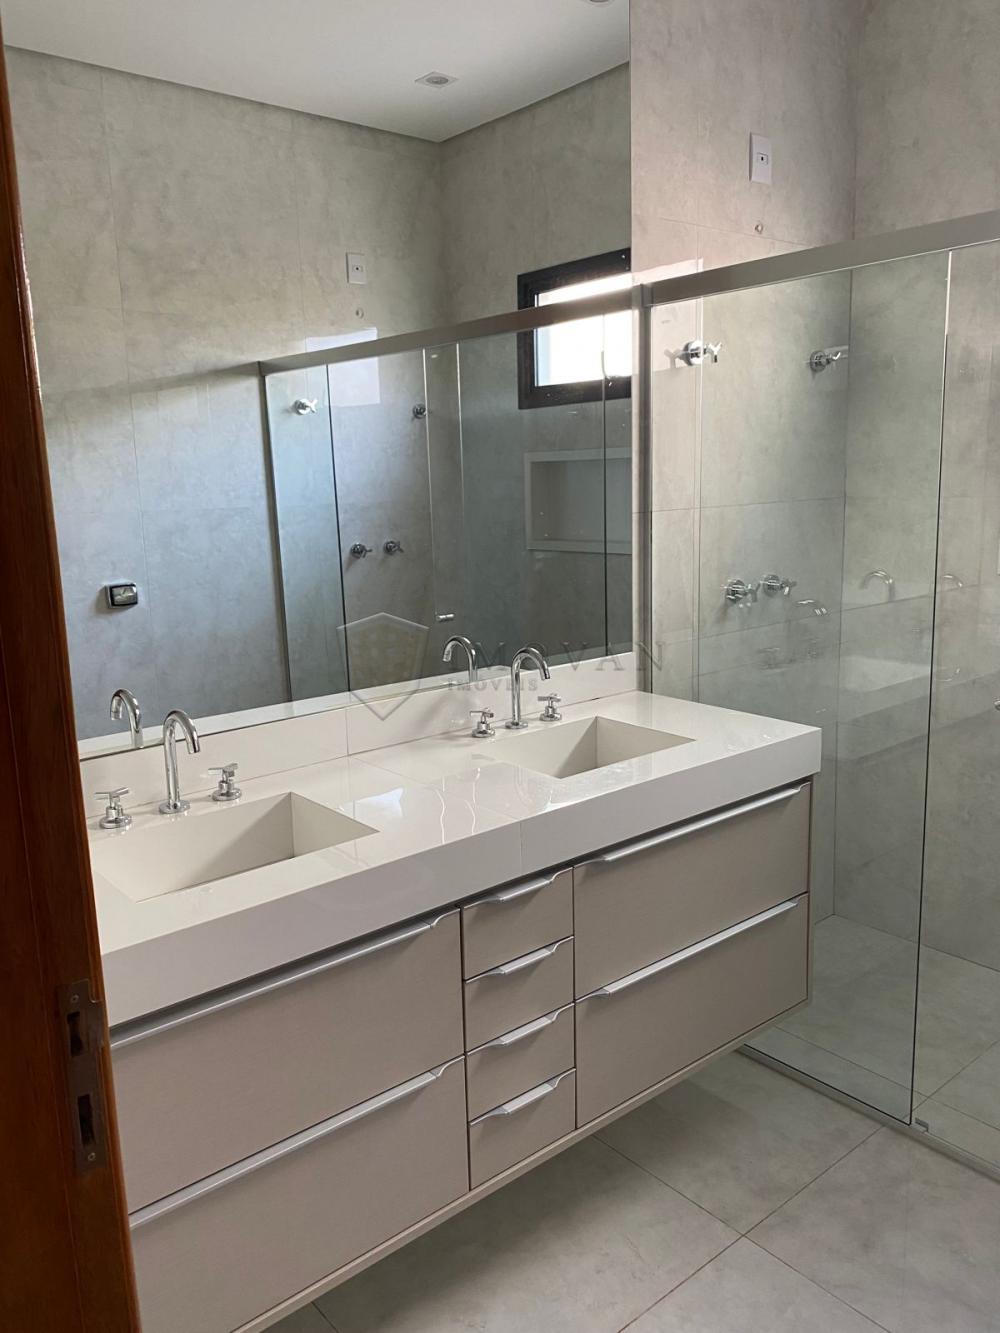 Comprar Casa / Condomínio em Ribeirão Preto R$ 1.350.000,00 - Foto 10